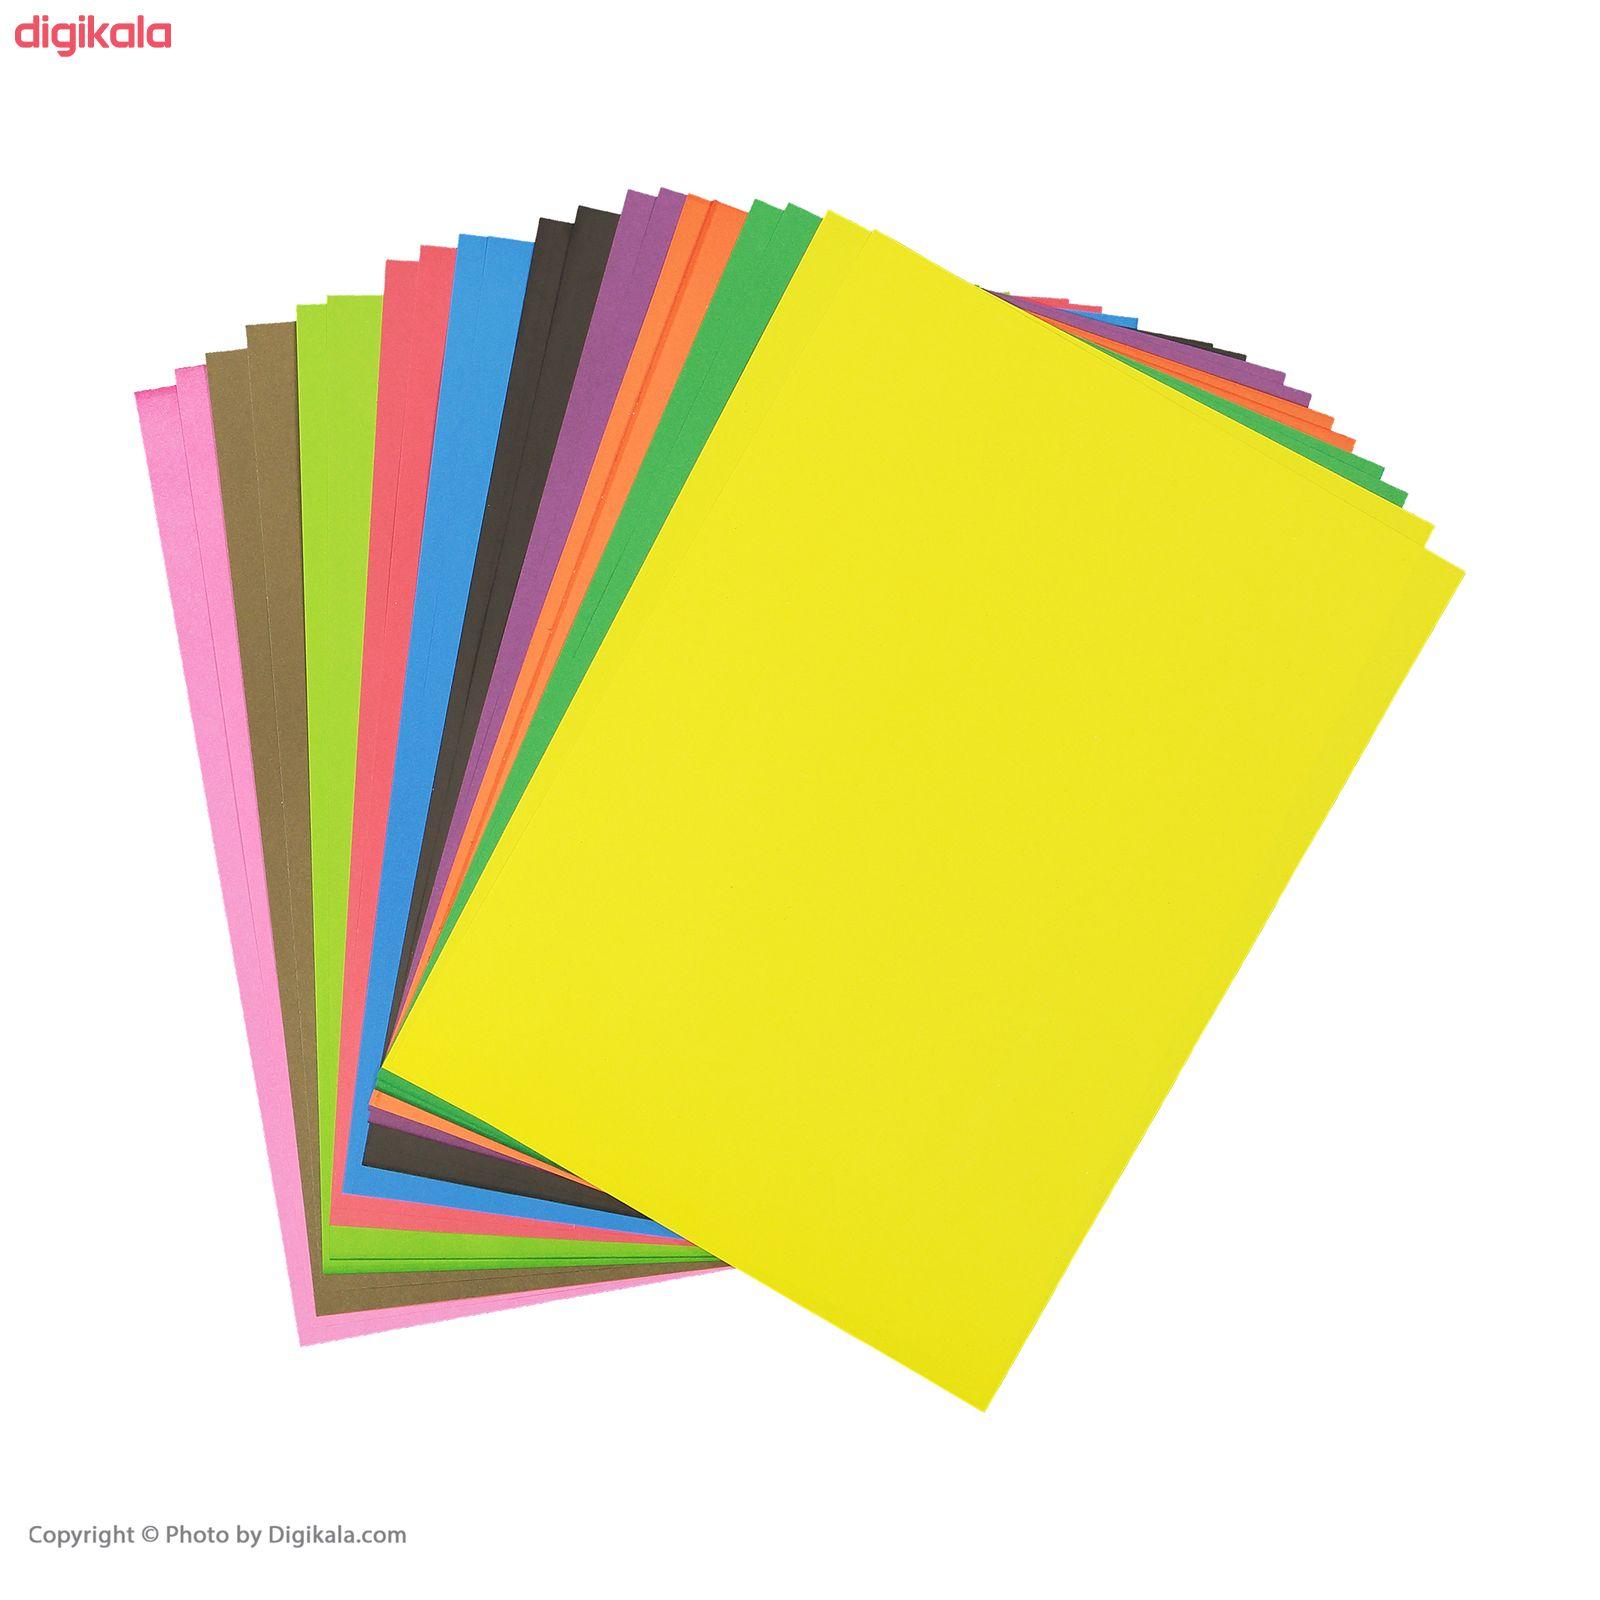 مقوا رنگی کد 04 سایز 24x34 (بزرگتر از A4) بسته 20 عددی main 1 4